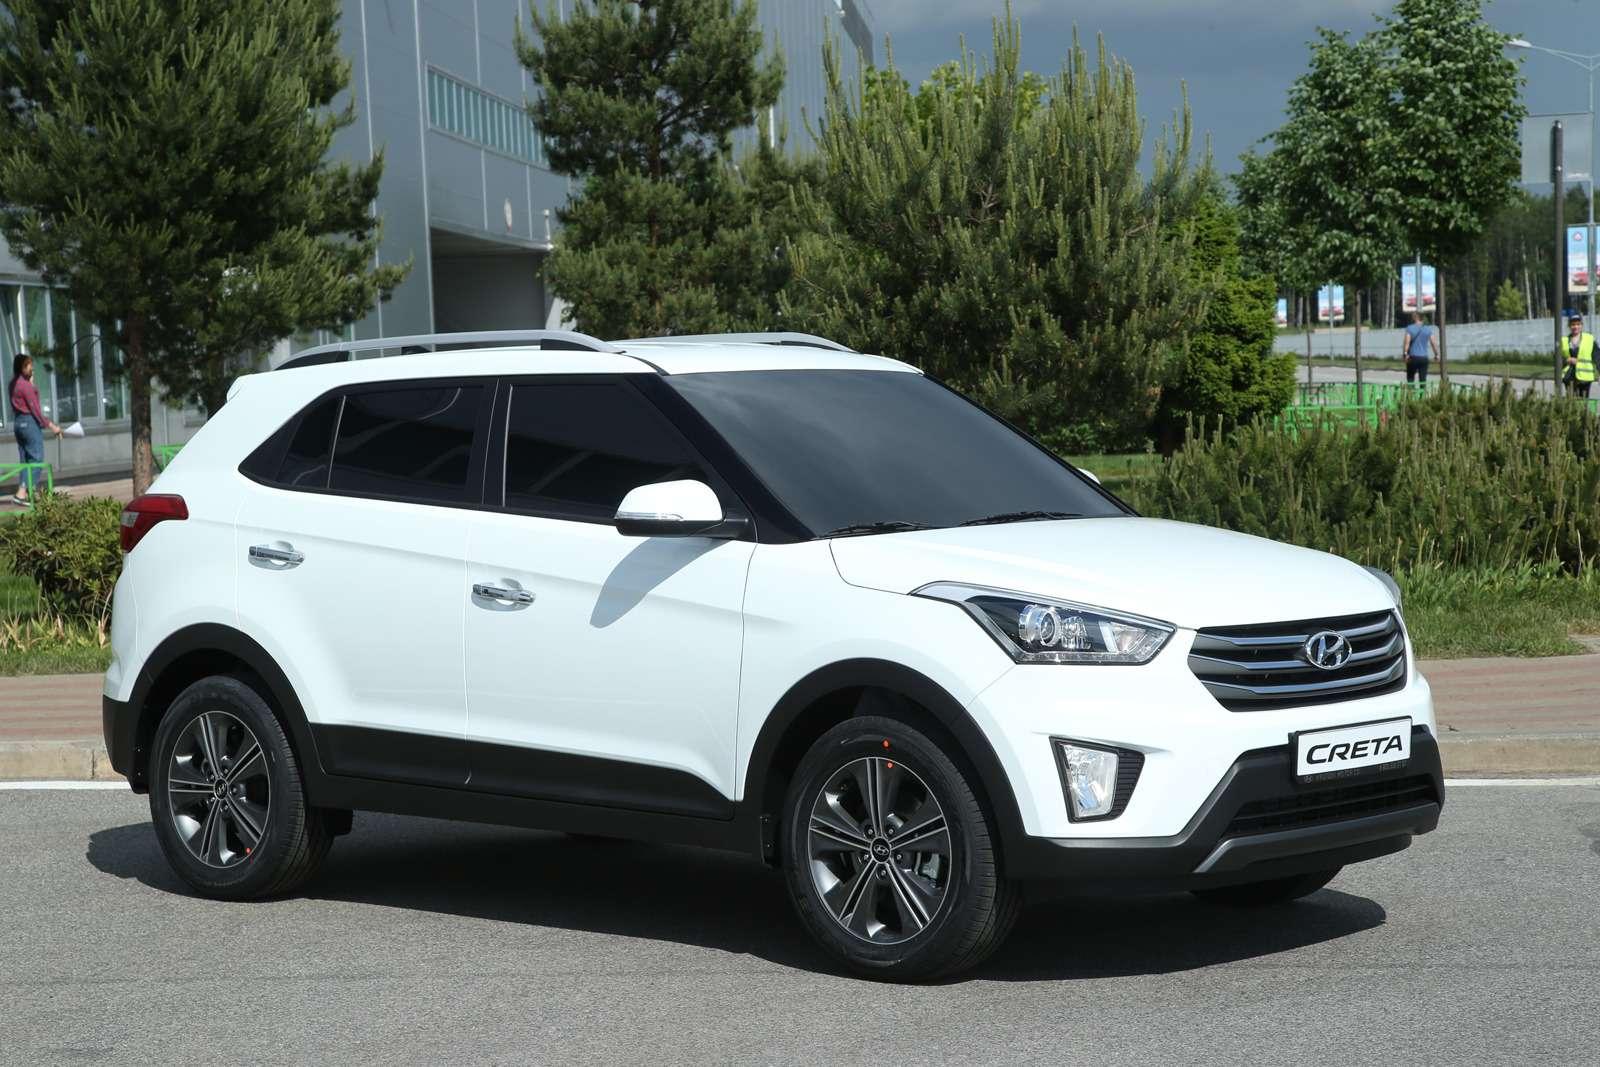 Hyundai рассекретила новый кроссовер Creta питерской сборки— фото 594303